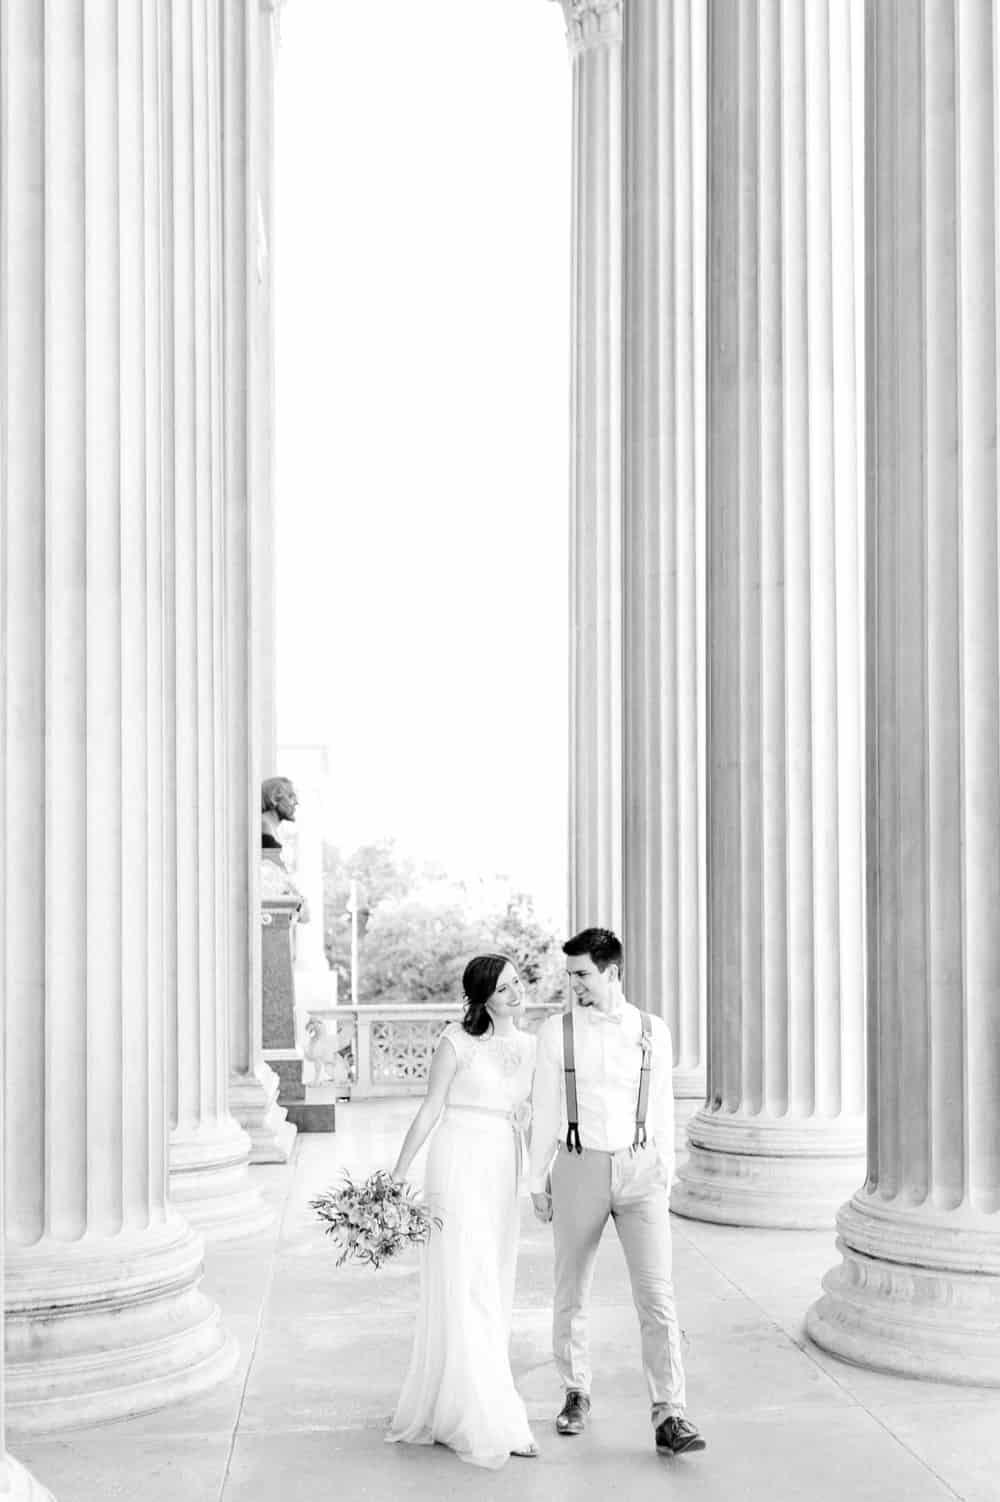 hochzeitsfotograf_thomasschwede_after_wedding_fotos_in_wien_0707